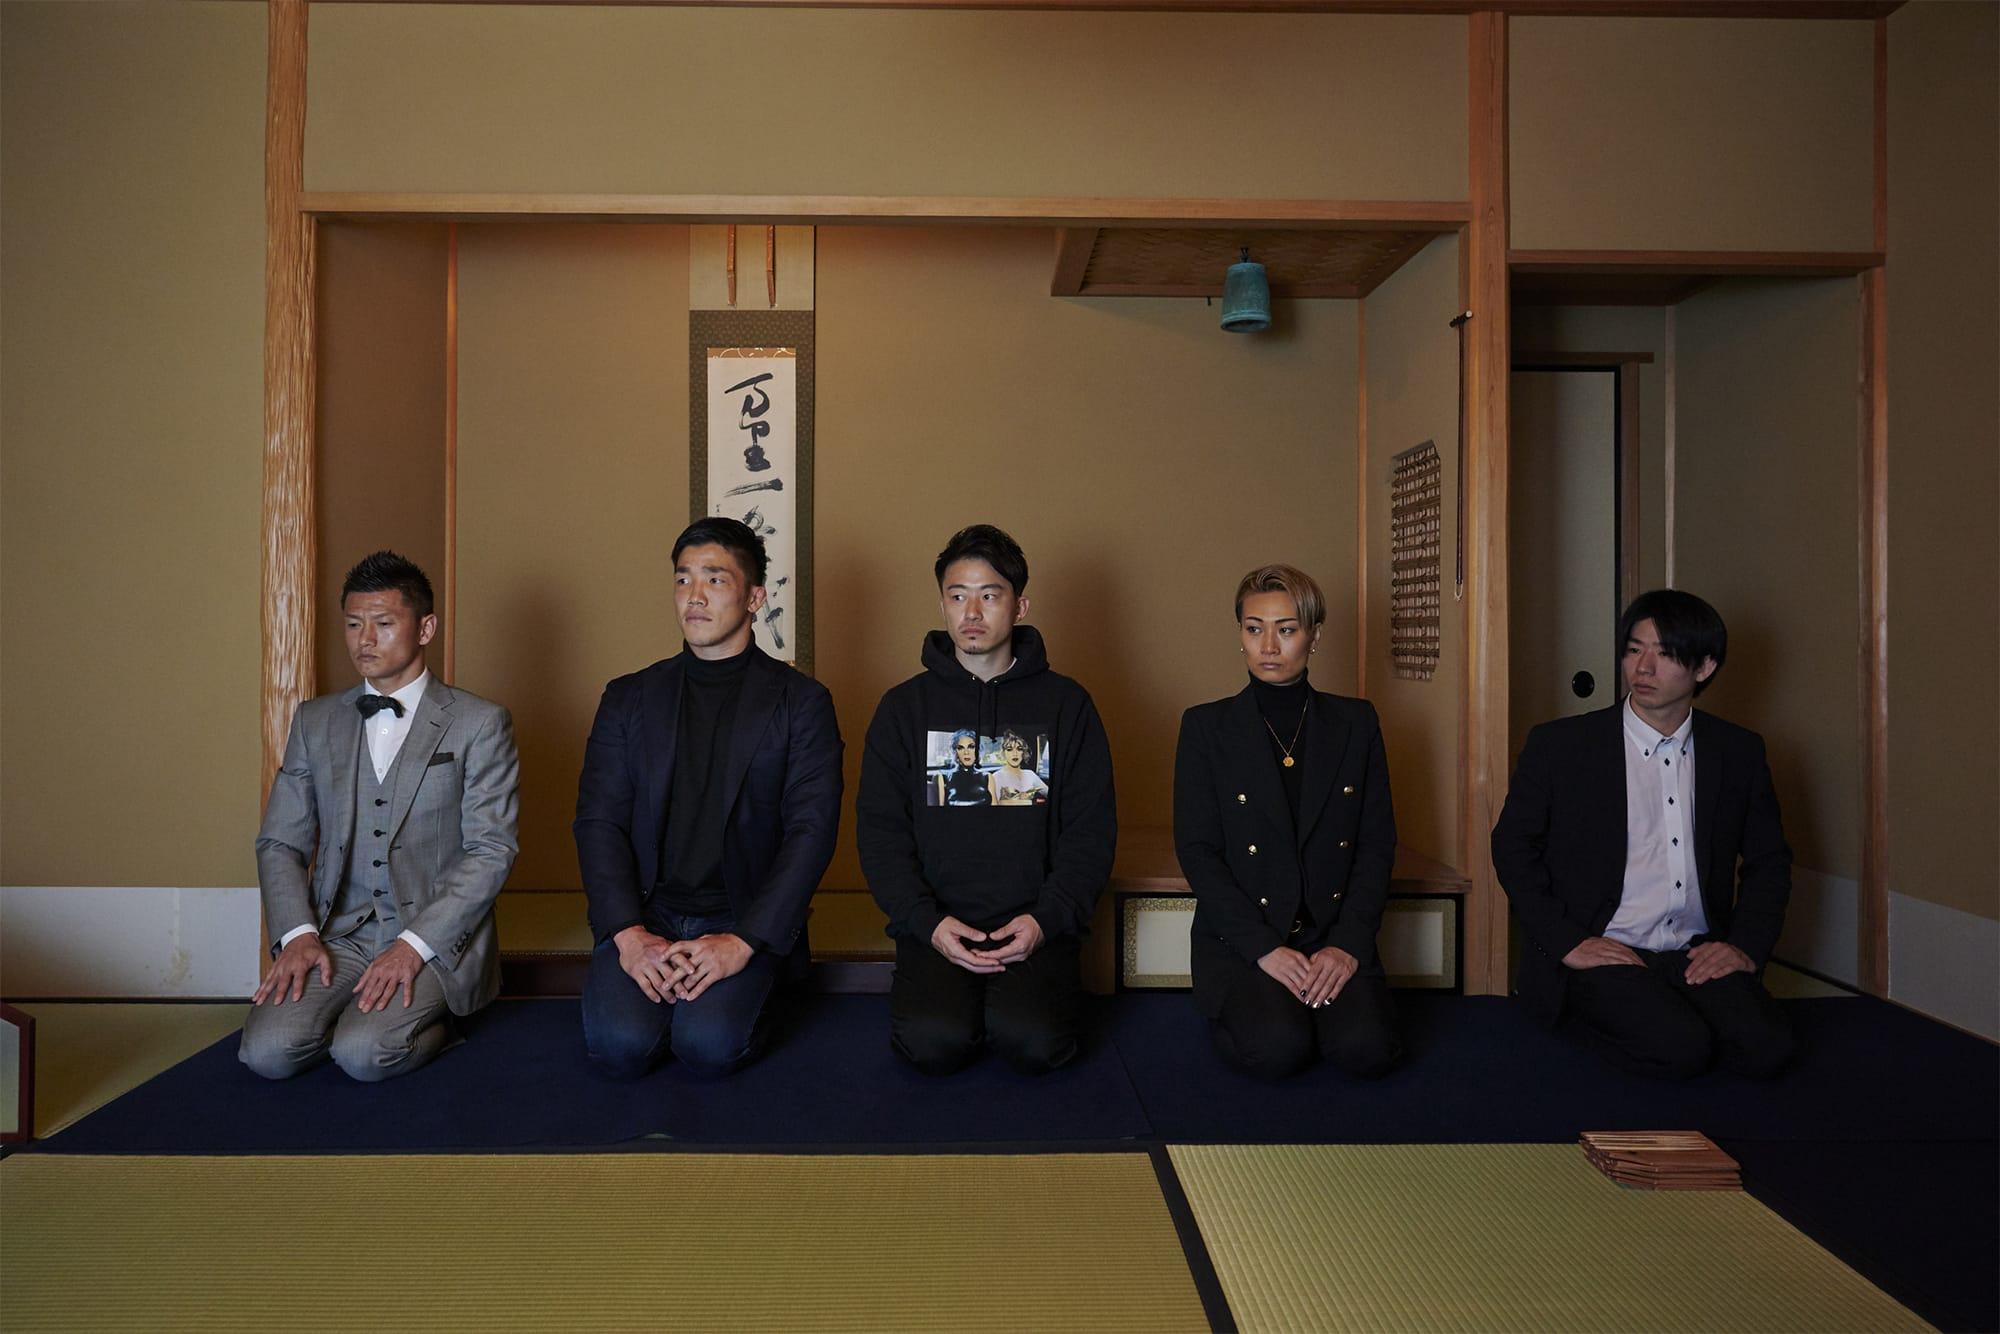 「アスリート茶会」に集ってくれたトップアスリートたち。左から播戸竜二、 金正奎、 前田眞郷、YUI、YUUTARO。現代の武士然としたアスリートの佇まいに目を見張った。